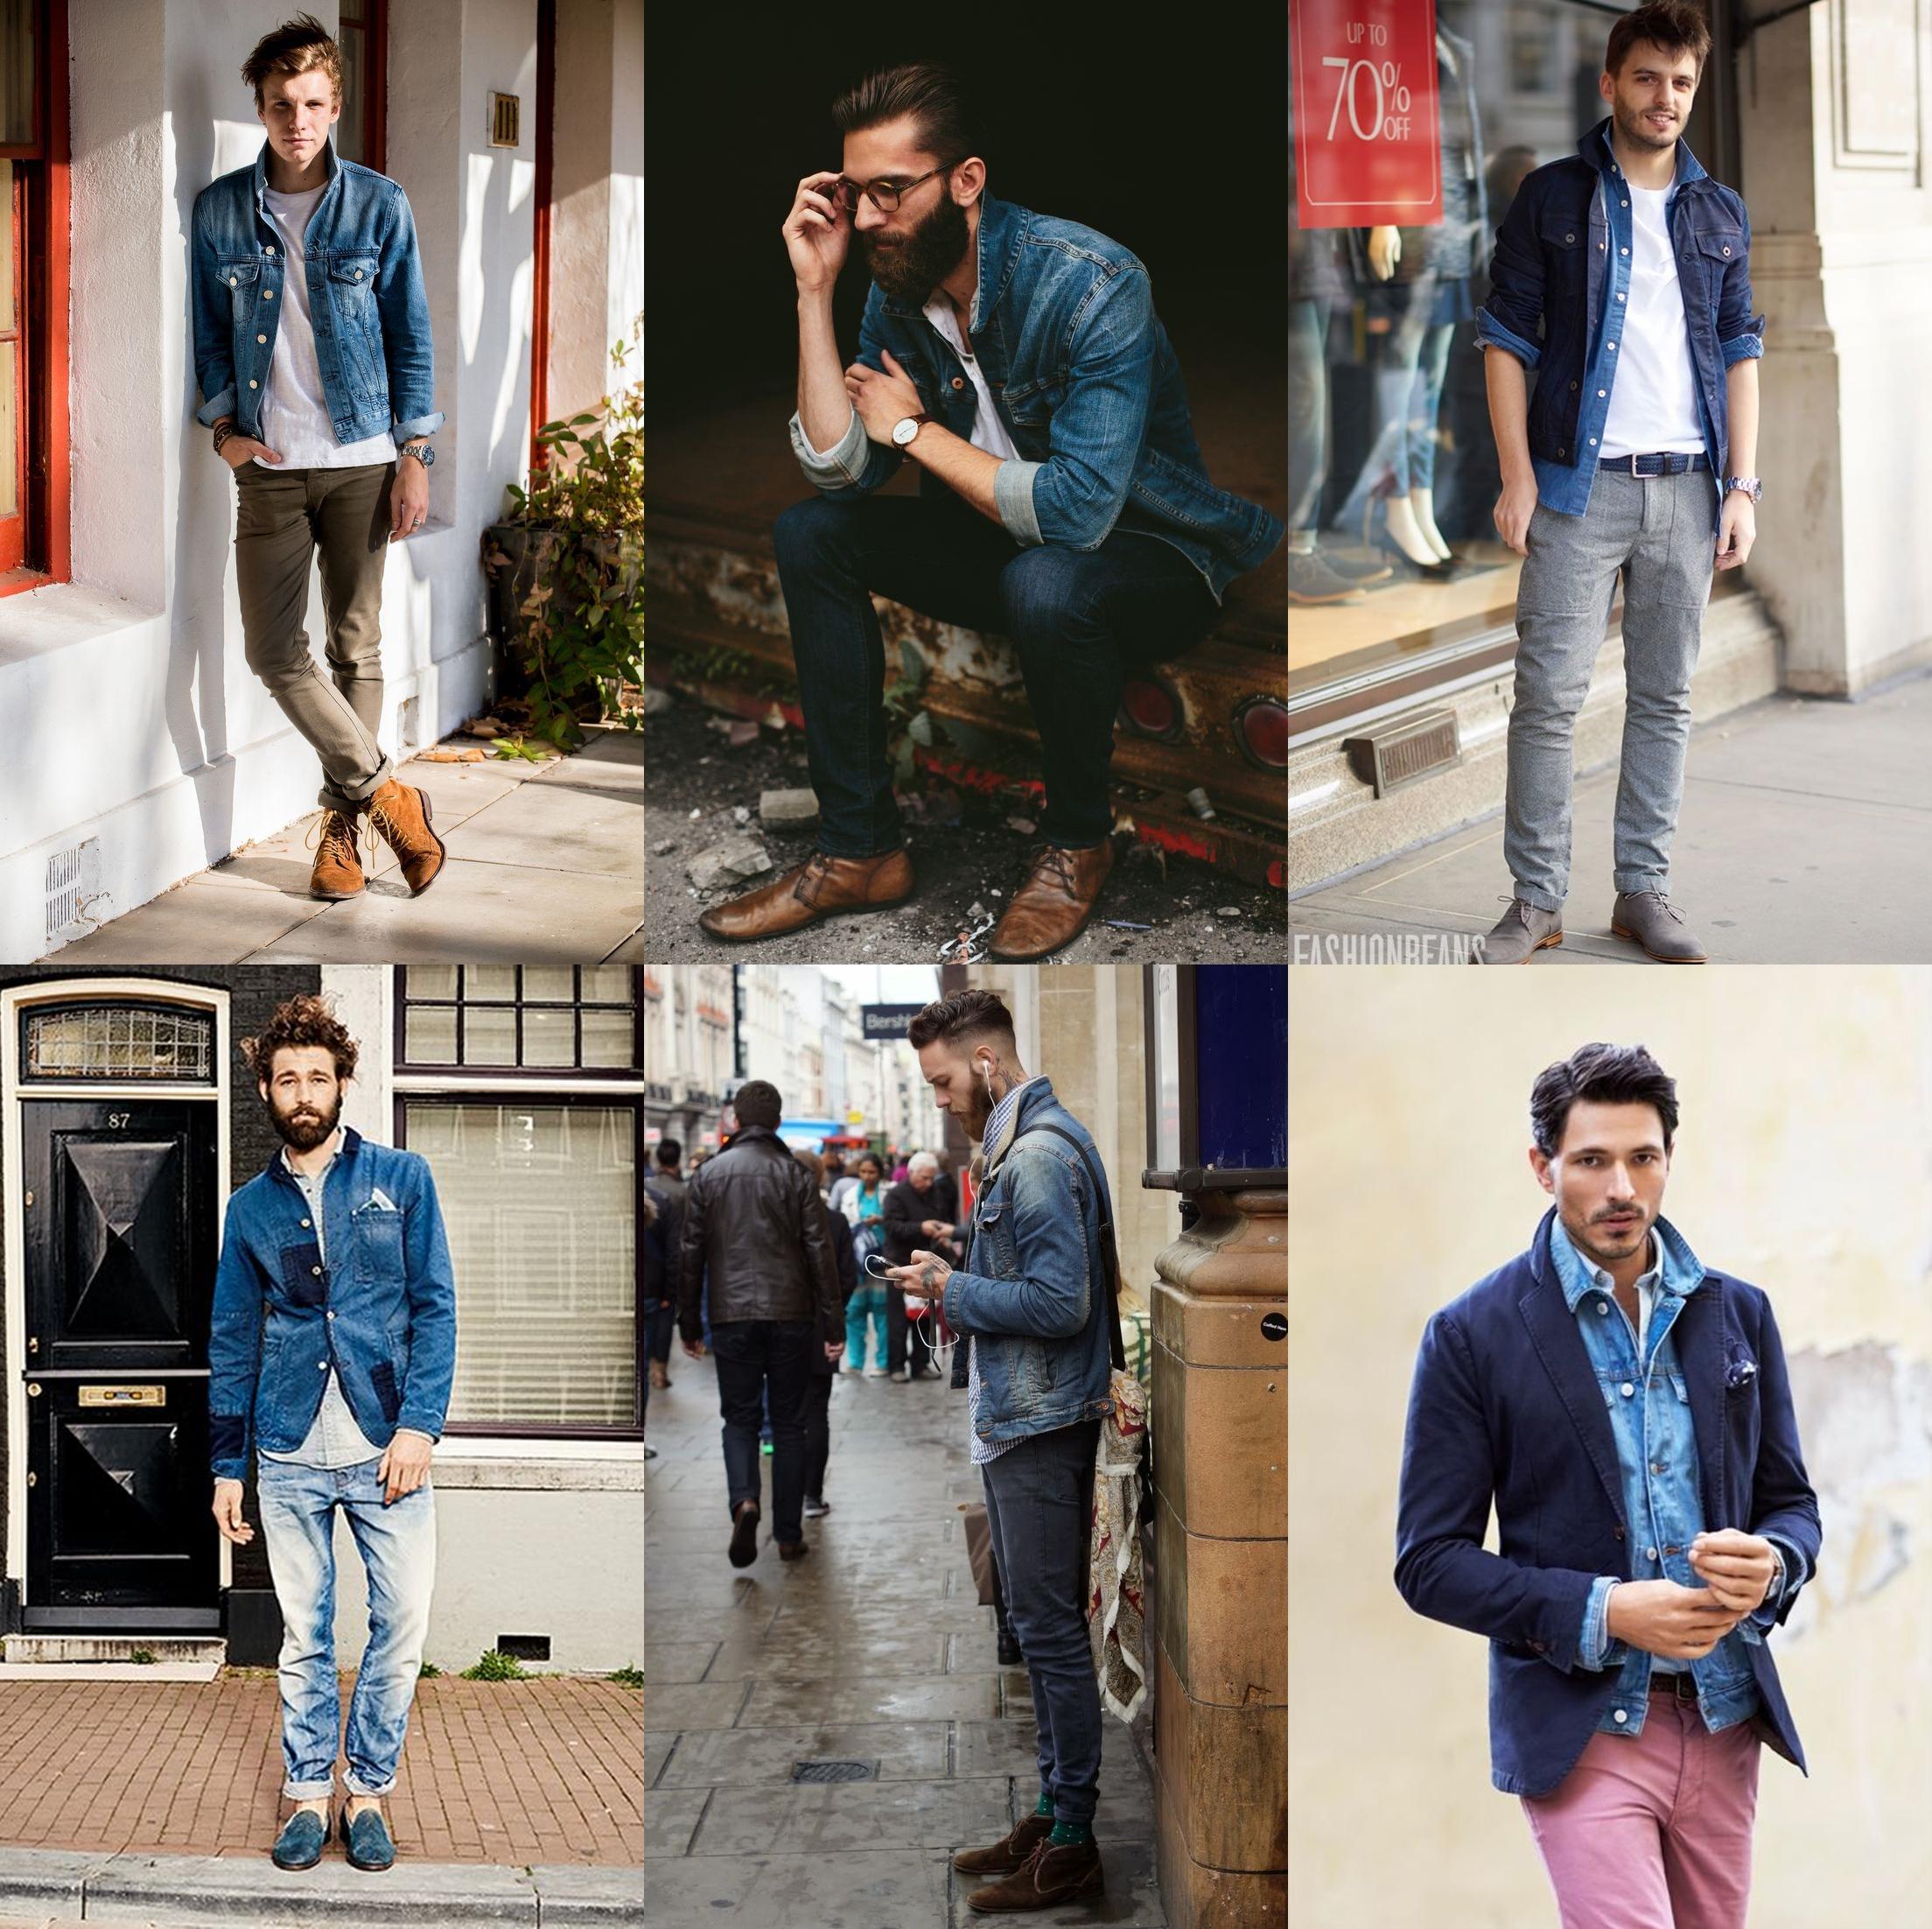 tendencia 2015, tendencia masculina, moda masculina, alex cursino, blog de moda, moda sem censura, trends, fashion tips, dicas de moda, dicas de estilo, style, mens, 2